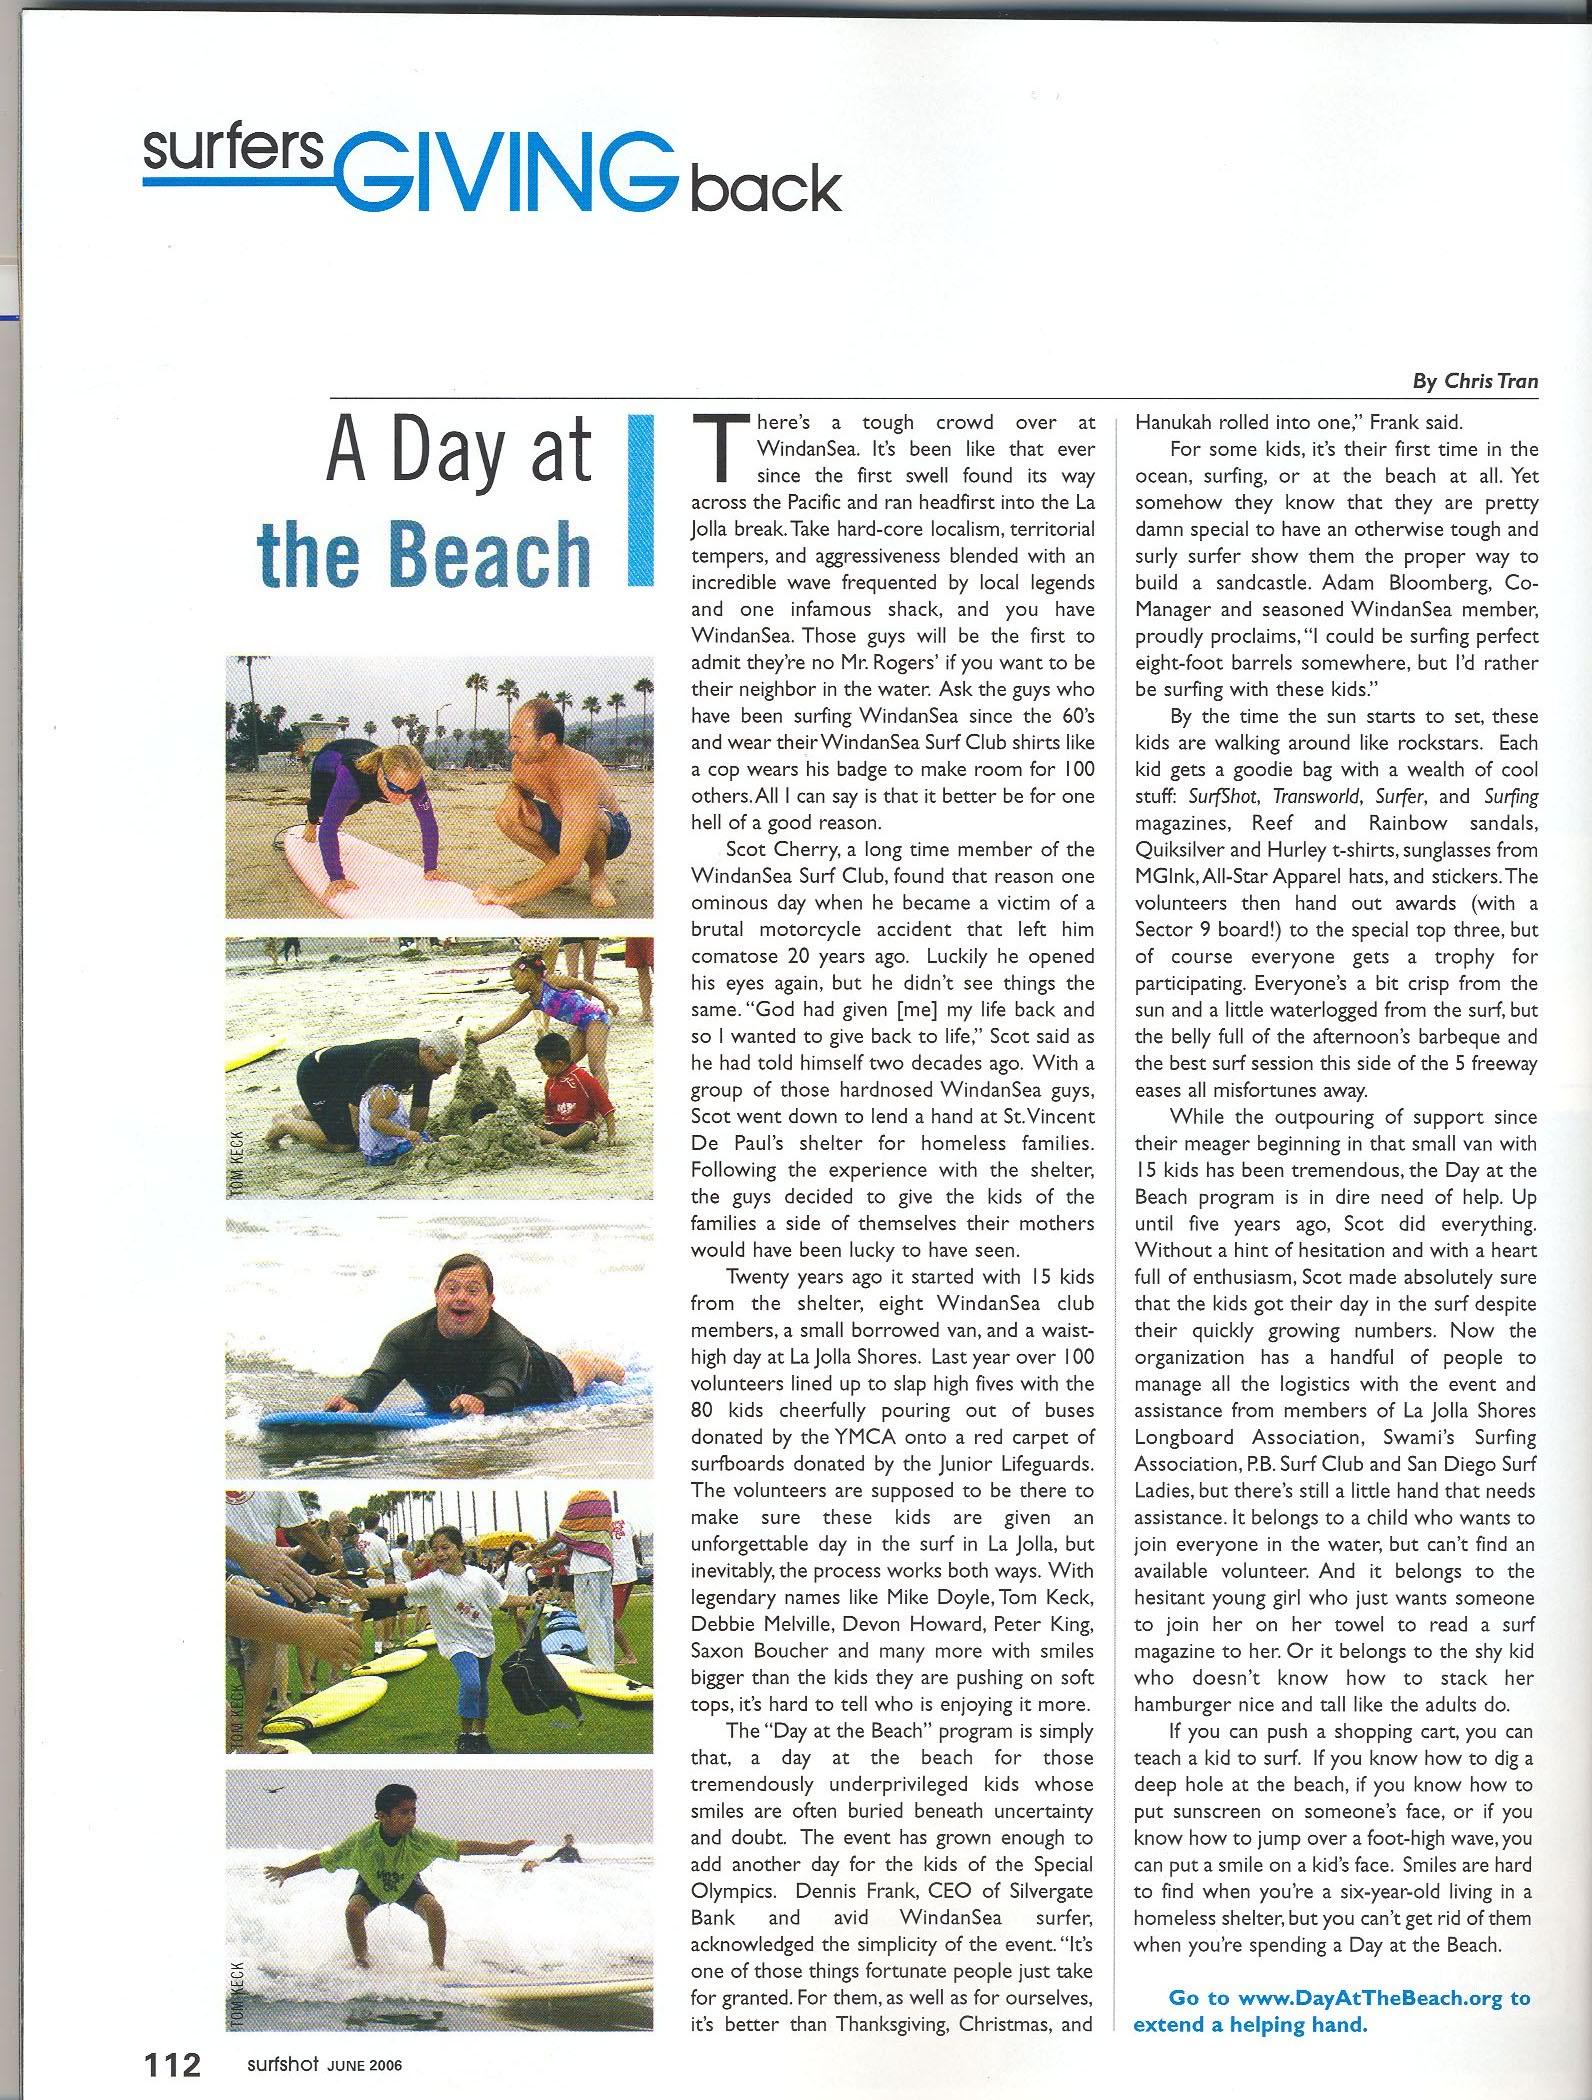 SurfShot Magazine / San Diego based surf magazine article